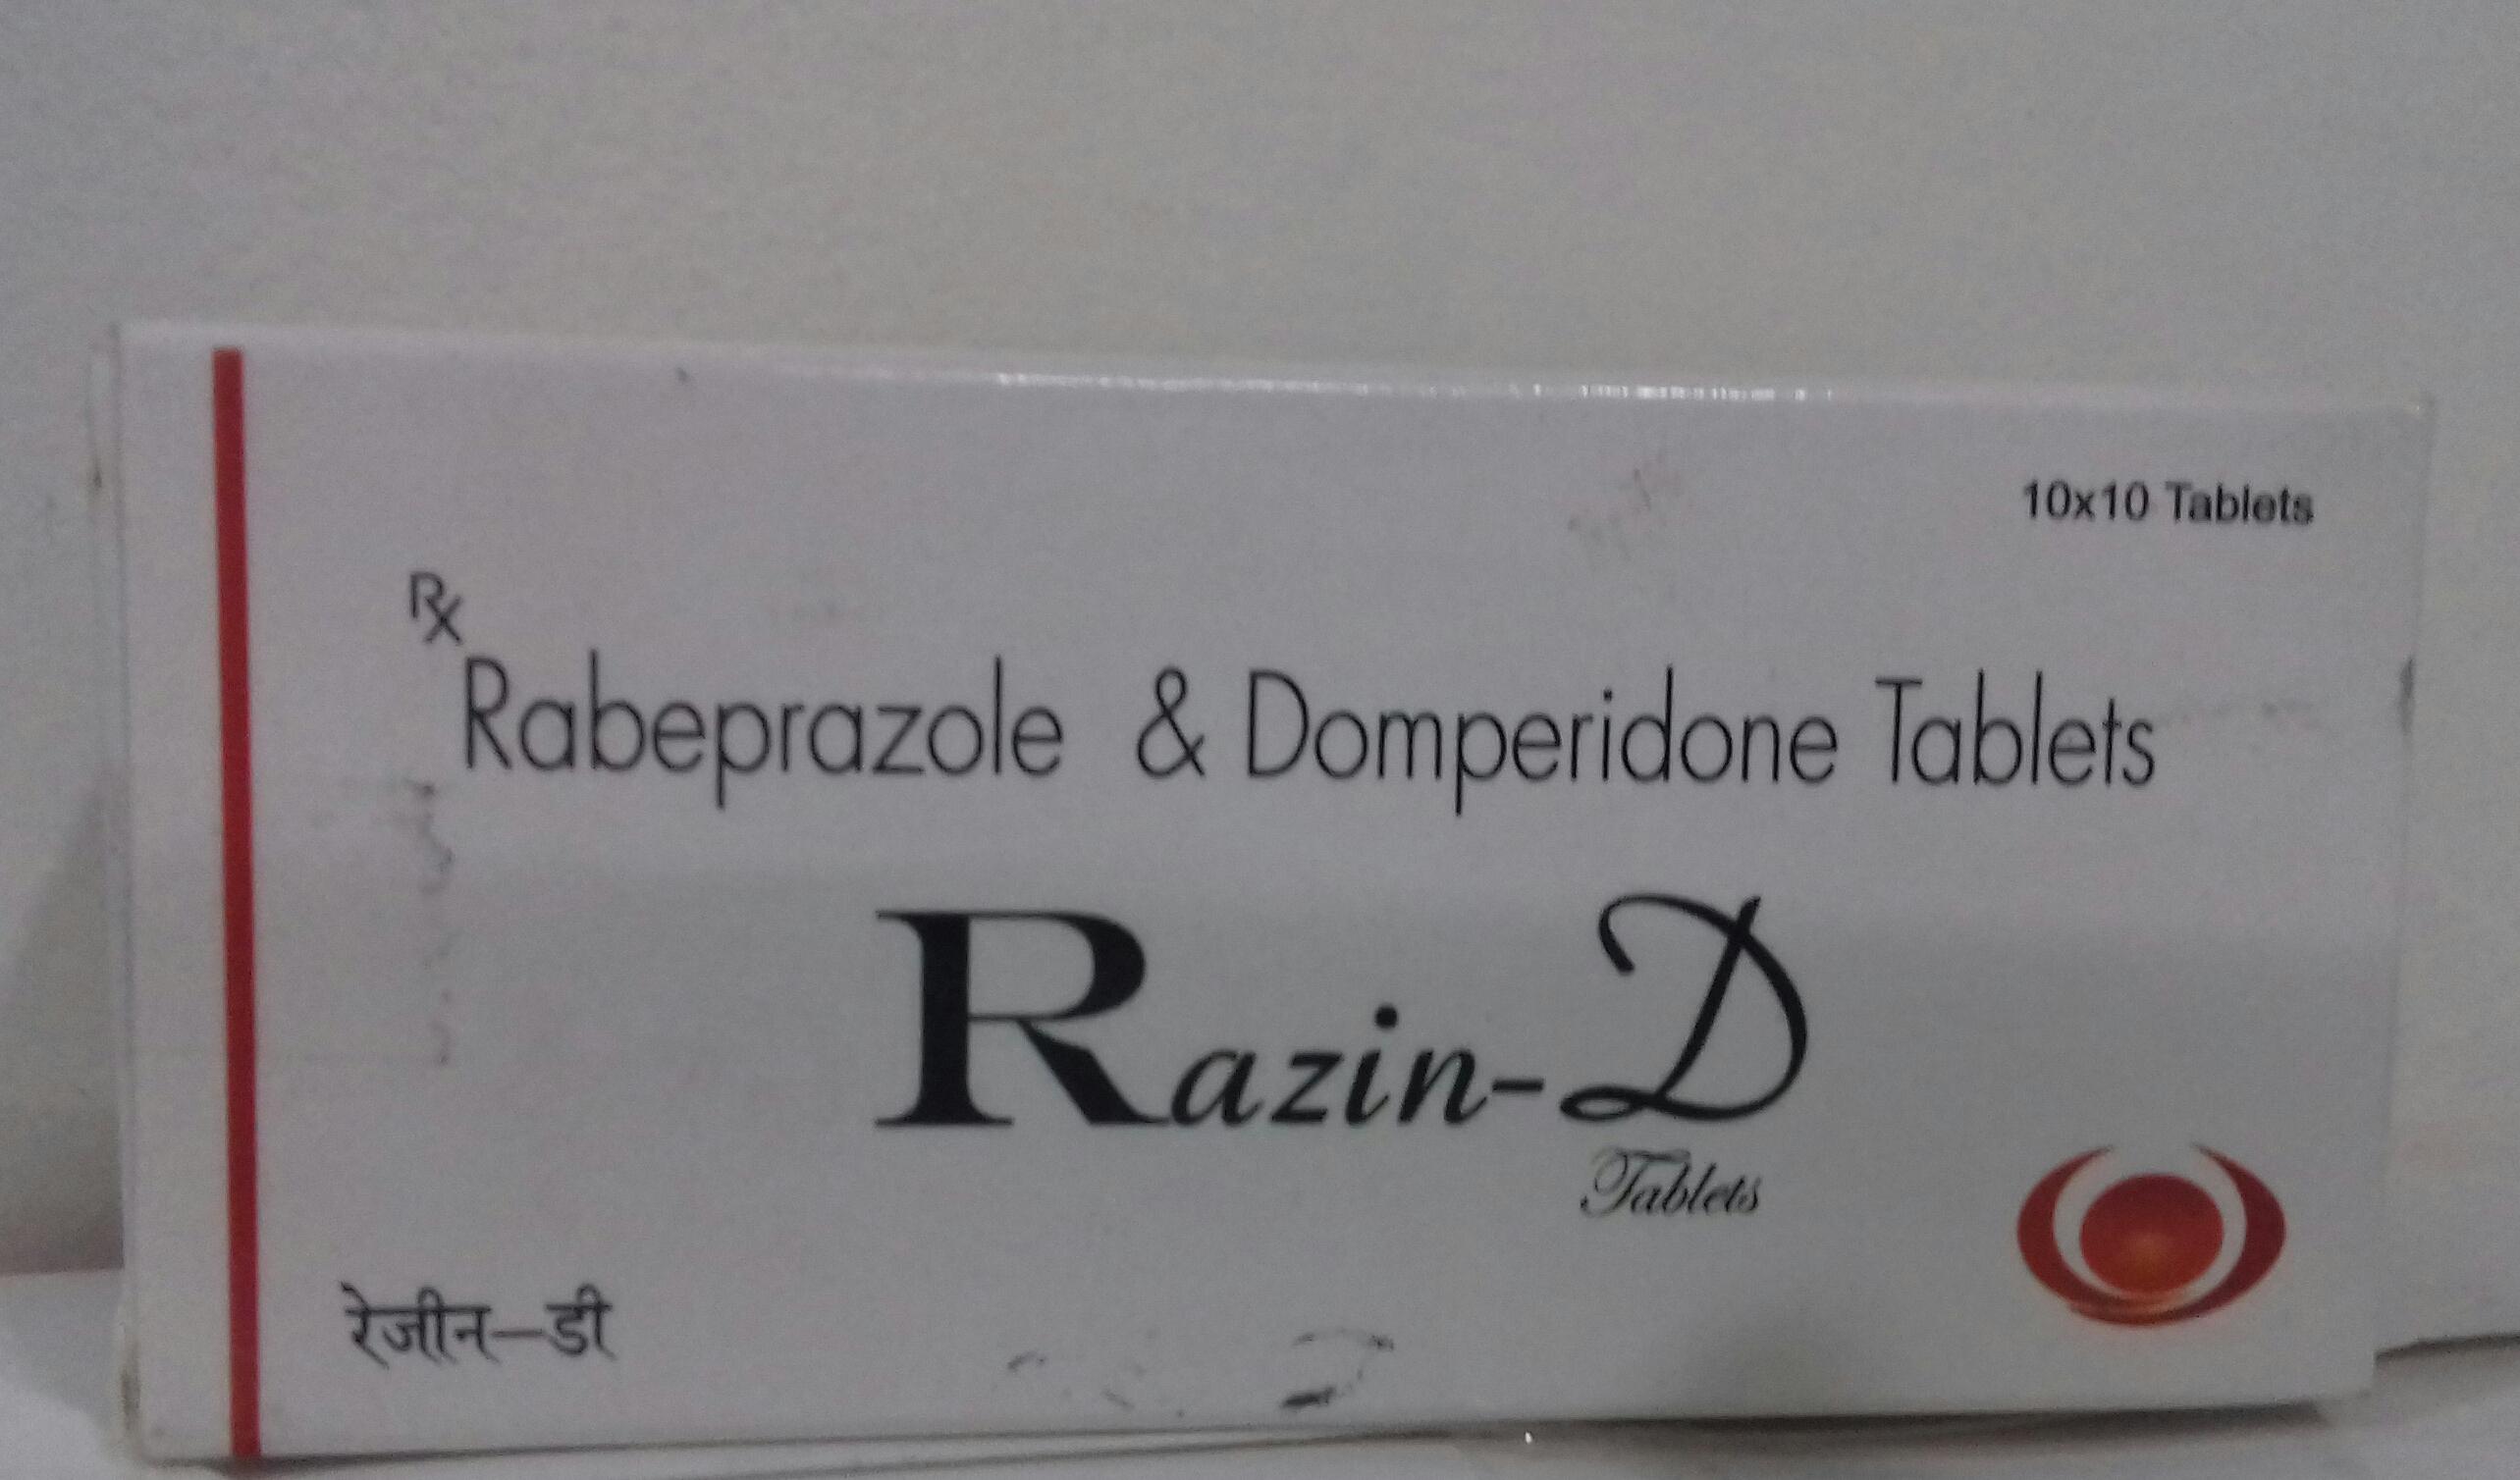 Rabeprazole Tablet Manufacturer Domperidone Tablet Supplier